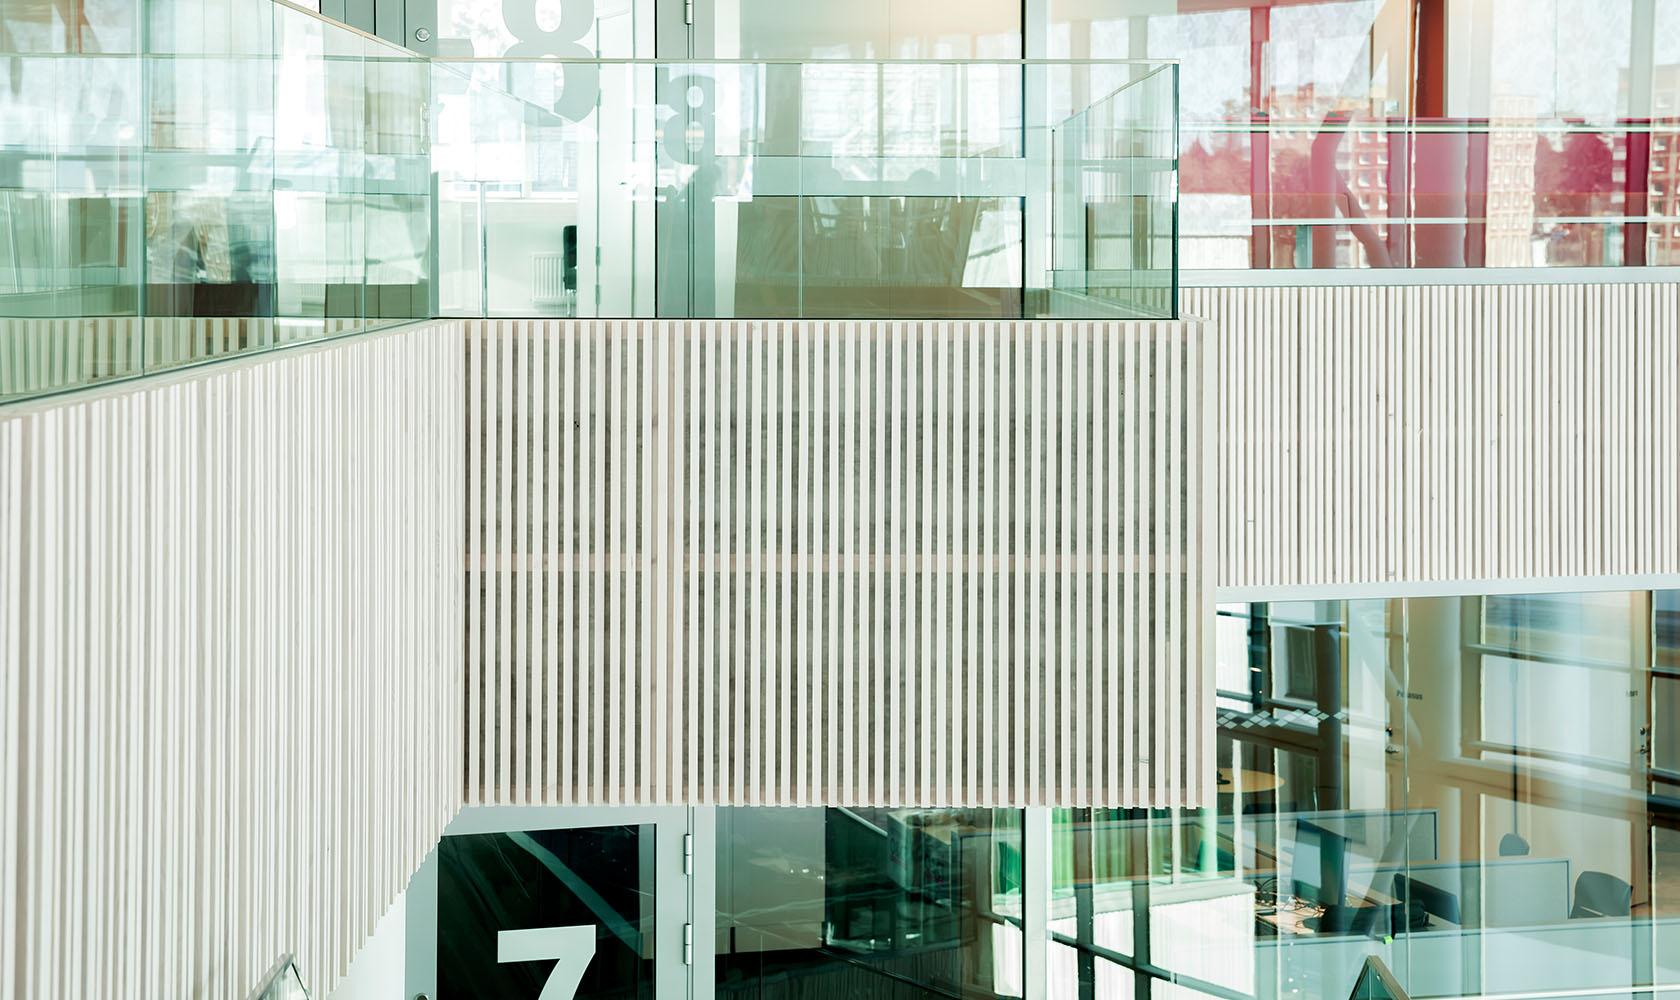 Fasad mellan våningsplan